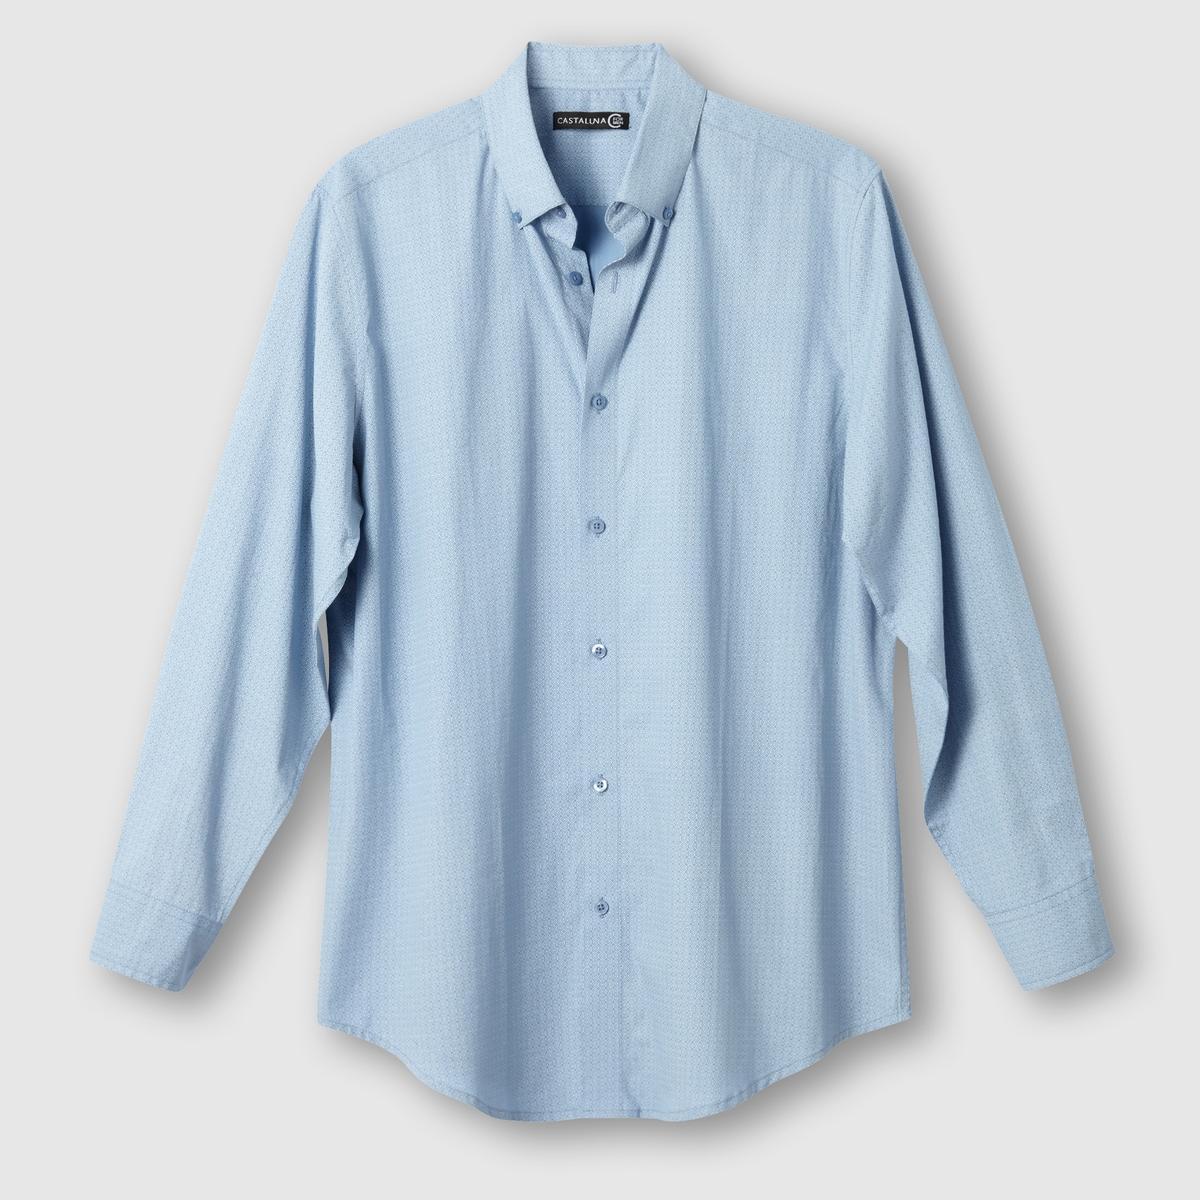 Рубашка с рисункомРубашка с геометрическим рисунком. Длинные рукава.Рубашка с неброским рисунком. Воротник с застежкой на пуговицы. 2 складки на спине. Закругленный низ. Поплин, 100% хлопок. Длина 85 см.<br><br>Цвет: наб. рисунок синий